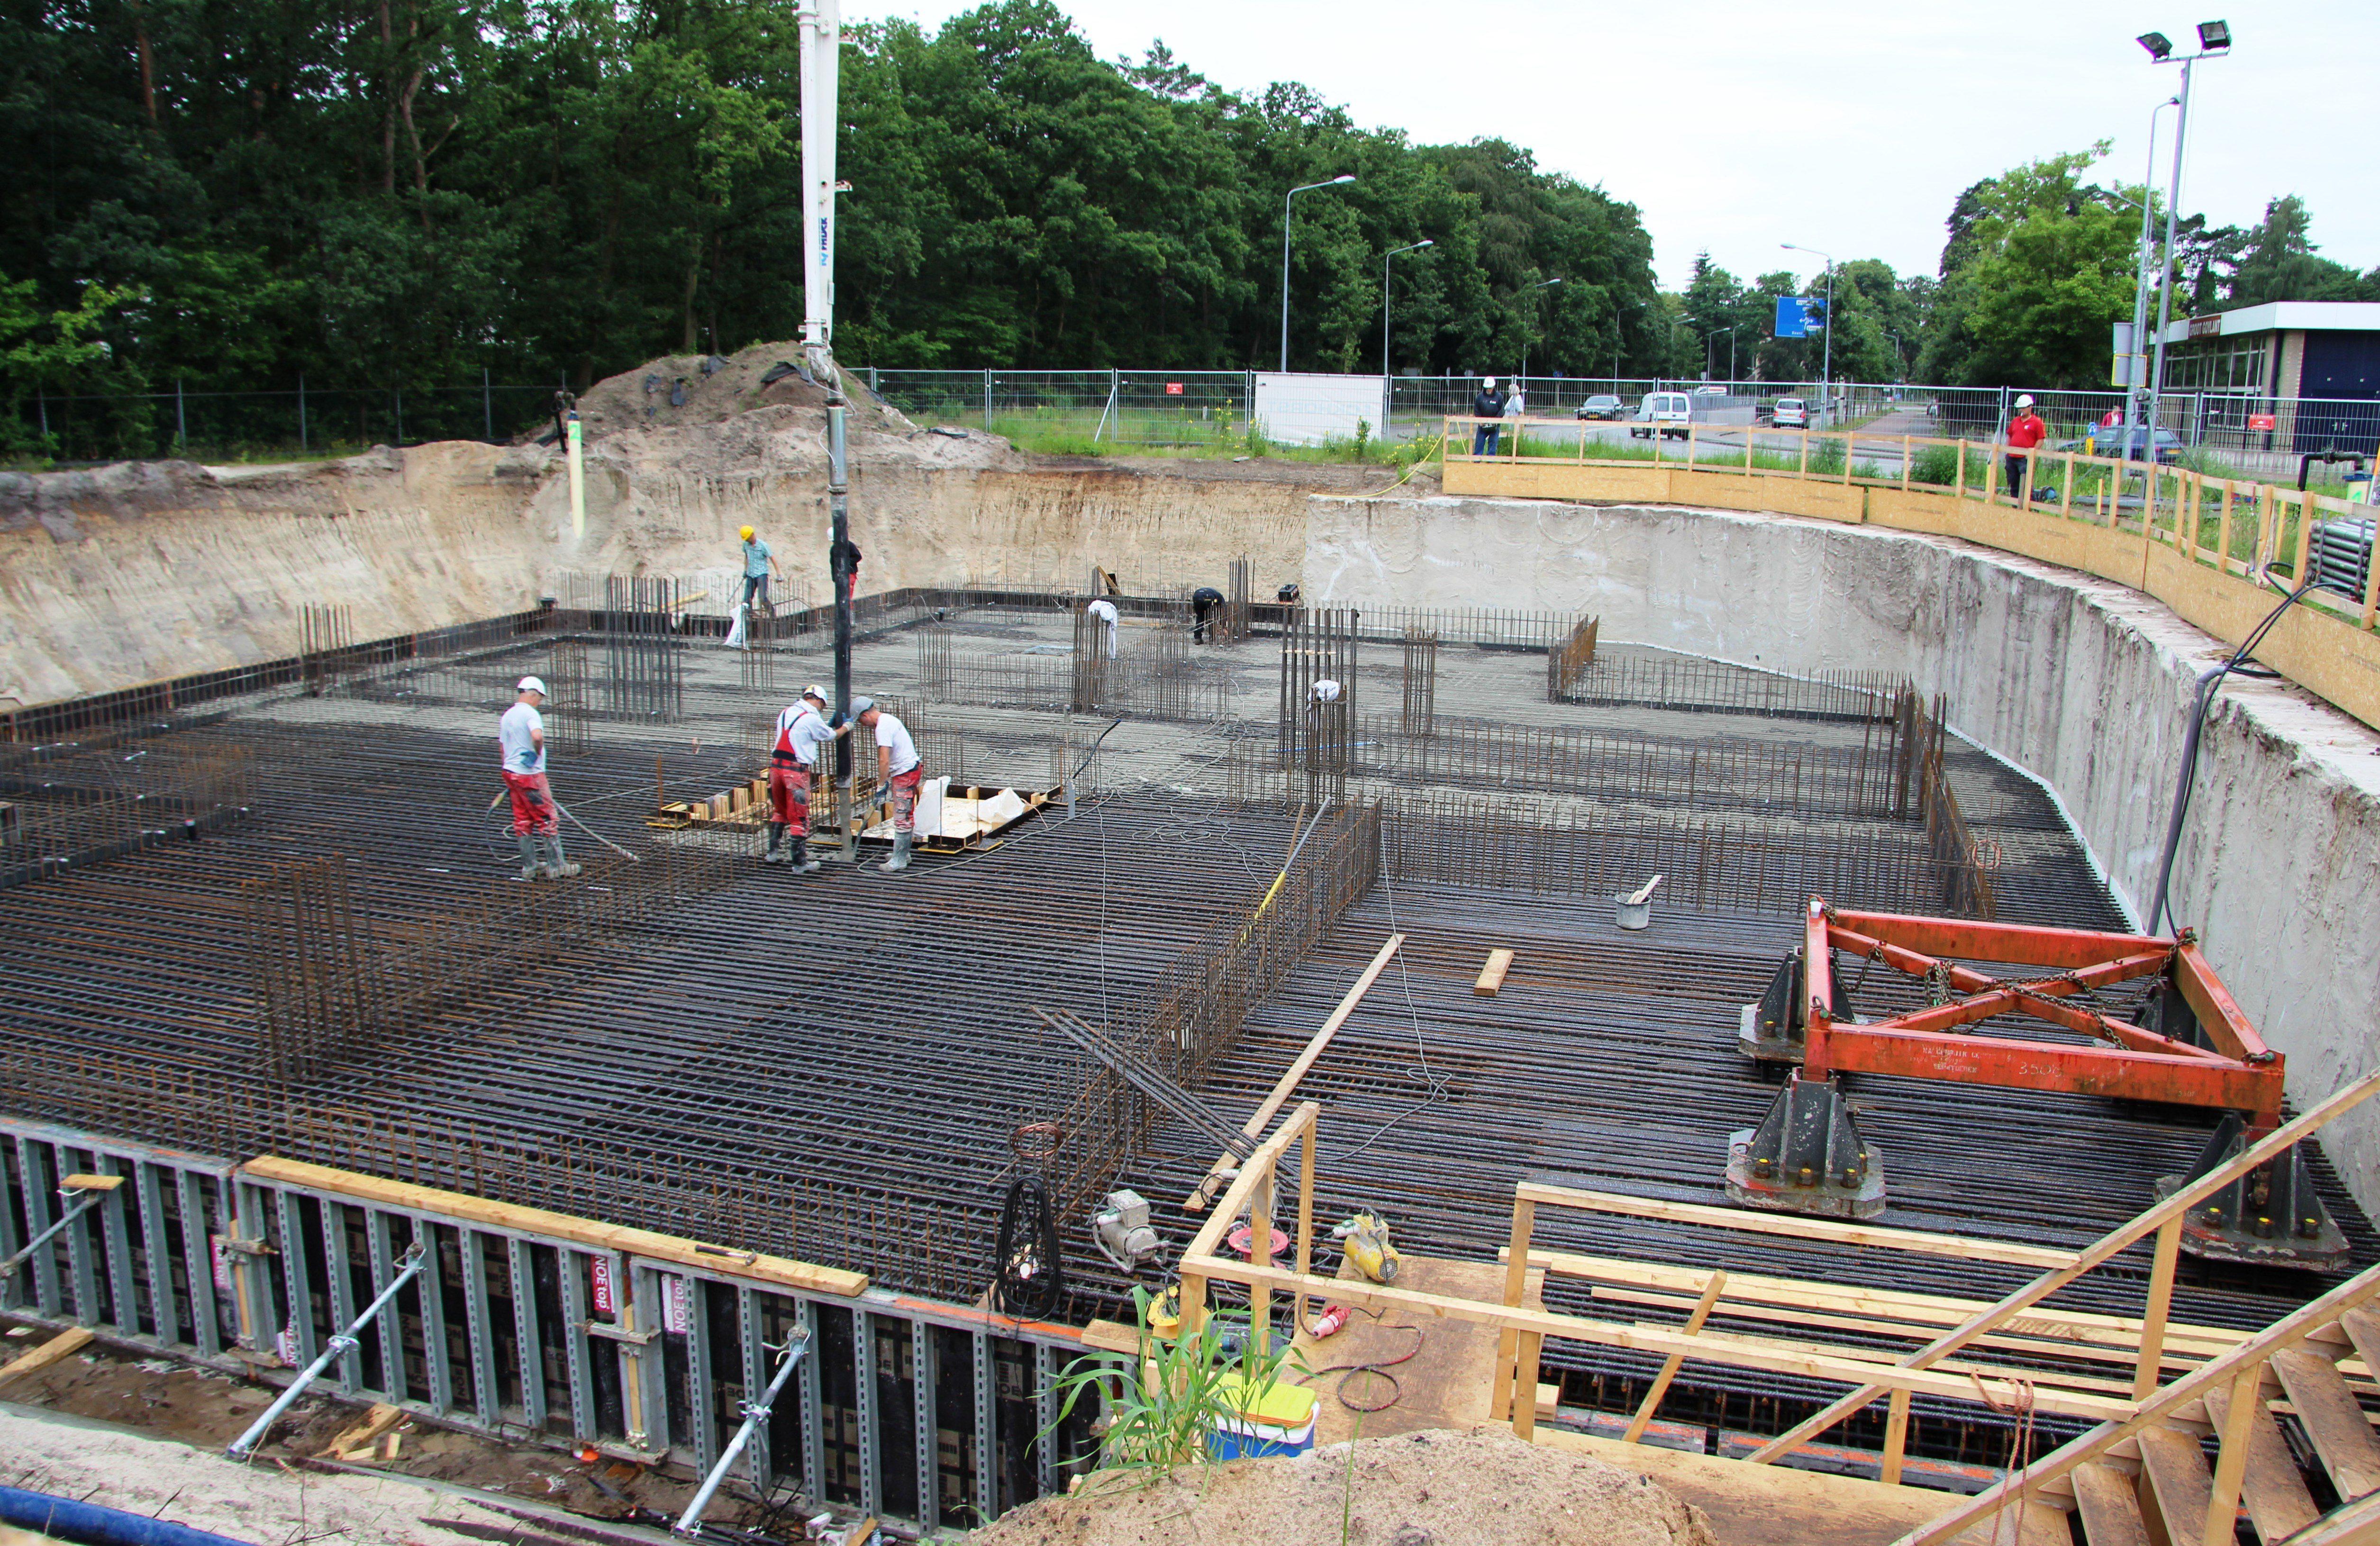 Vanwege een betonnen waterleiding en een doorgaande weg is aan twee zijden van de bouwkuip een CSM-wand geplaatst. De torenkraan wordt geplaatst in een oksel van het gebouw, binnen de CSM-wand. De funderingsplaat is anderhalve meter breder dan de footprint van het gebouw.